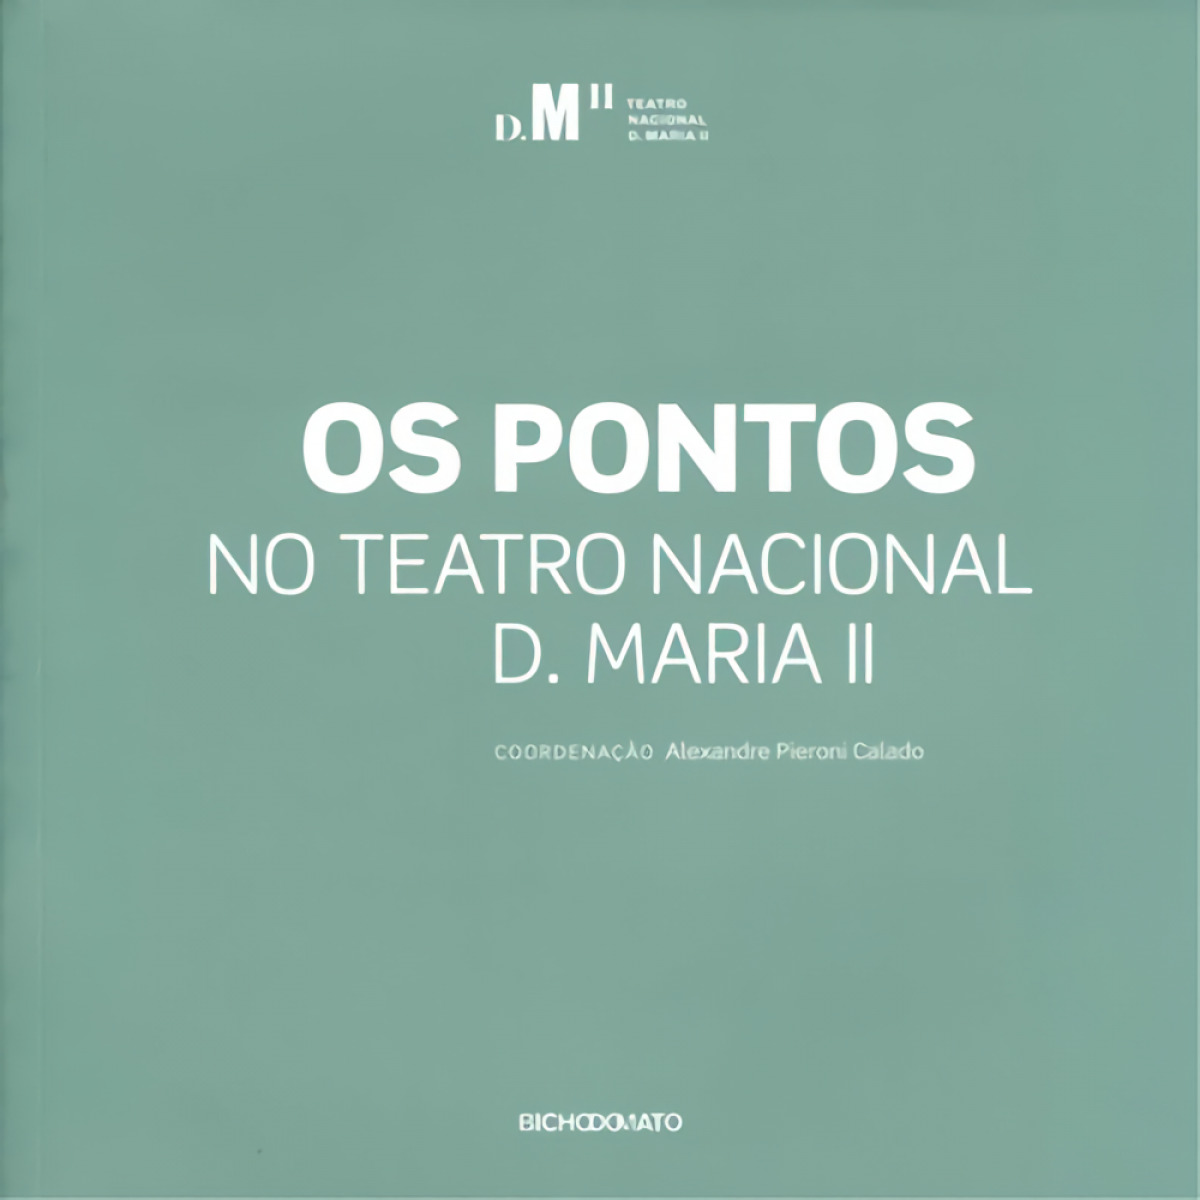 Os pontos: no teatro nacional D. Maria II